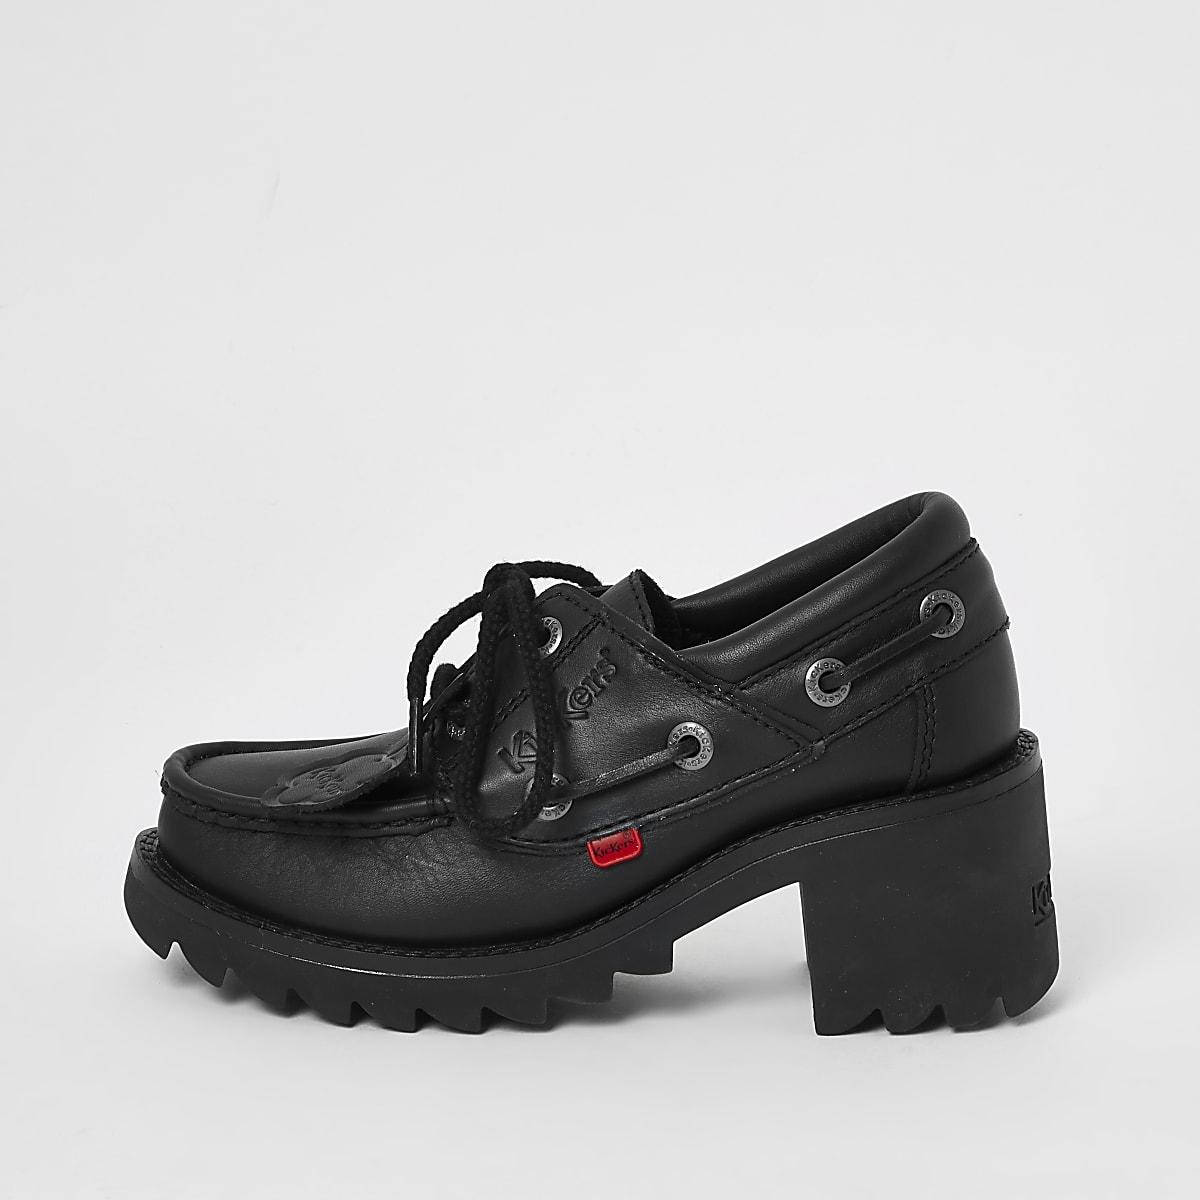 Kickers - Zwarte loafers met hak en veters